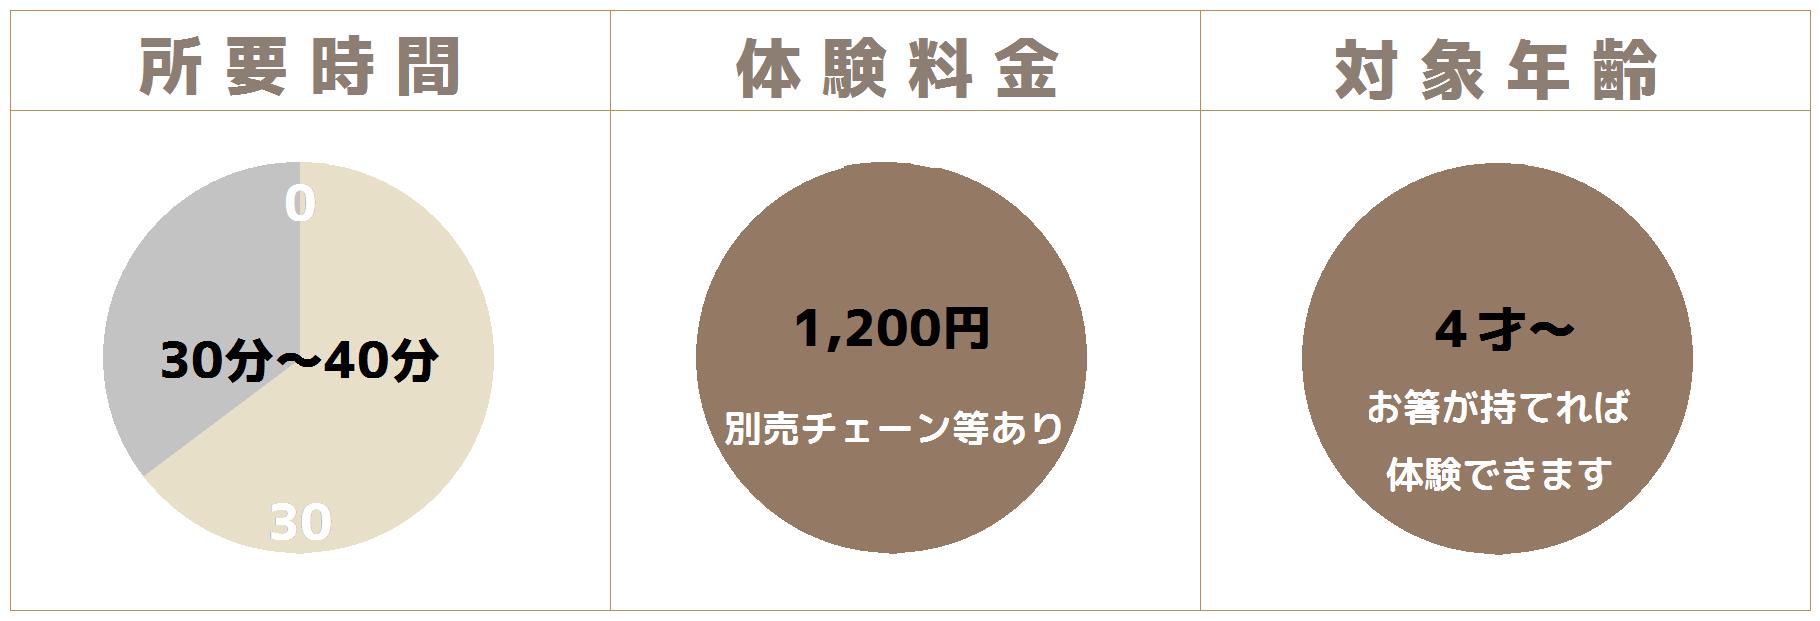 1200円体験